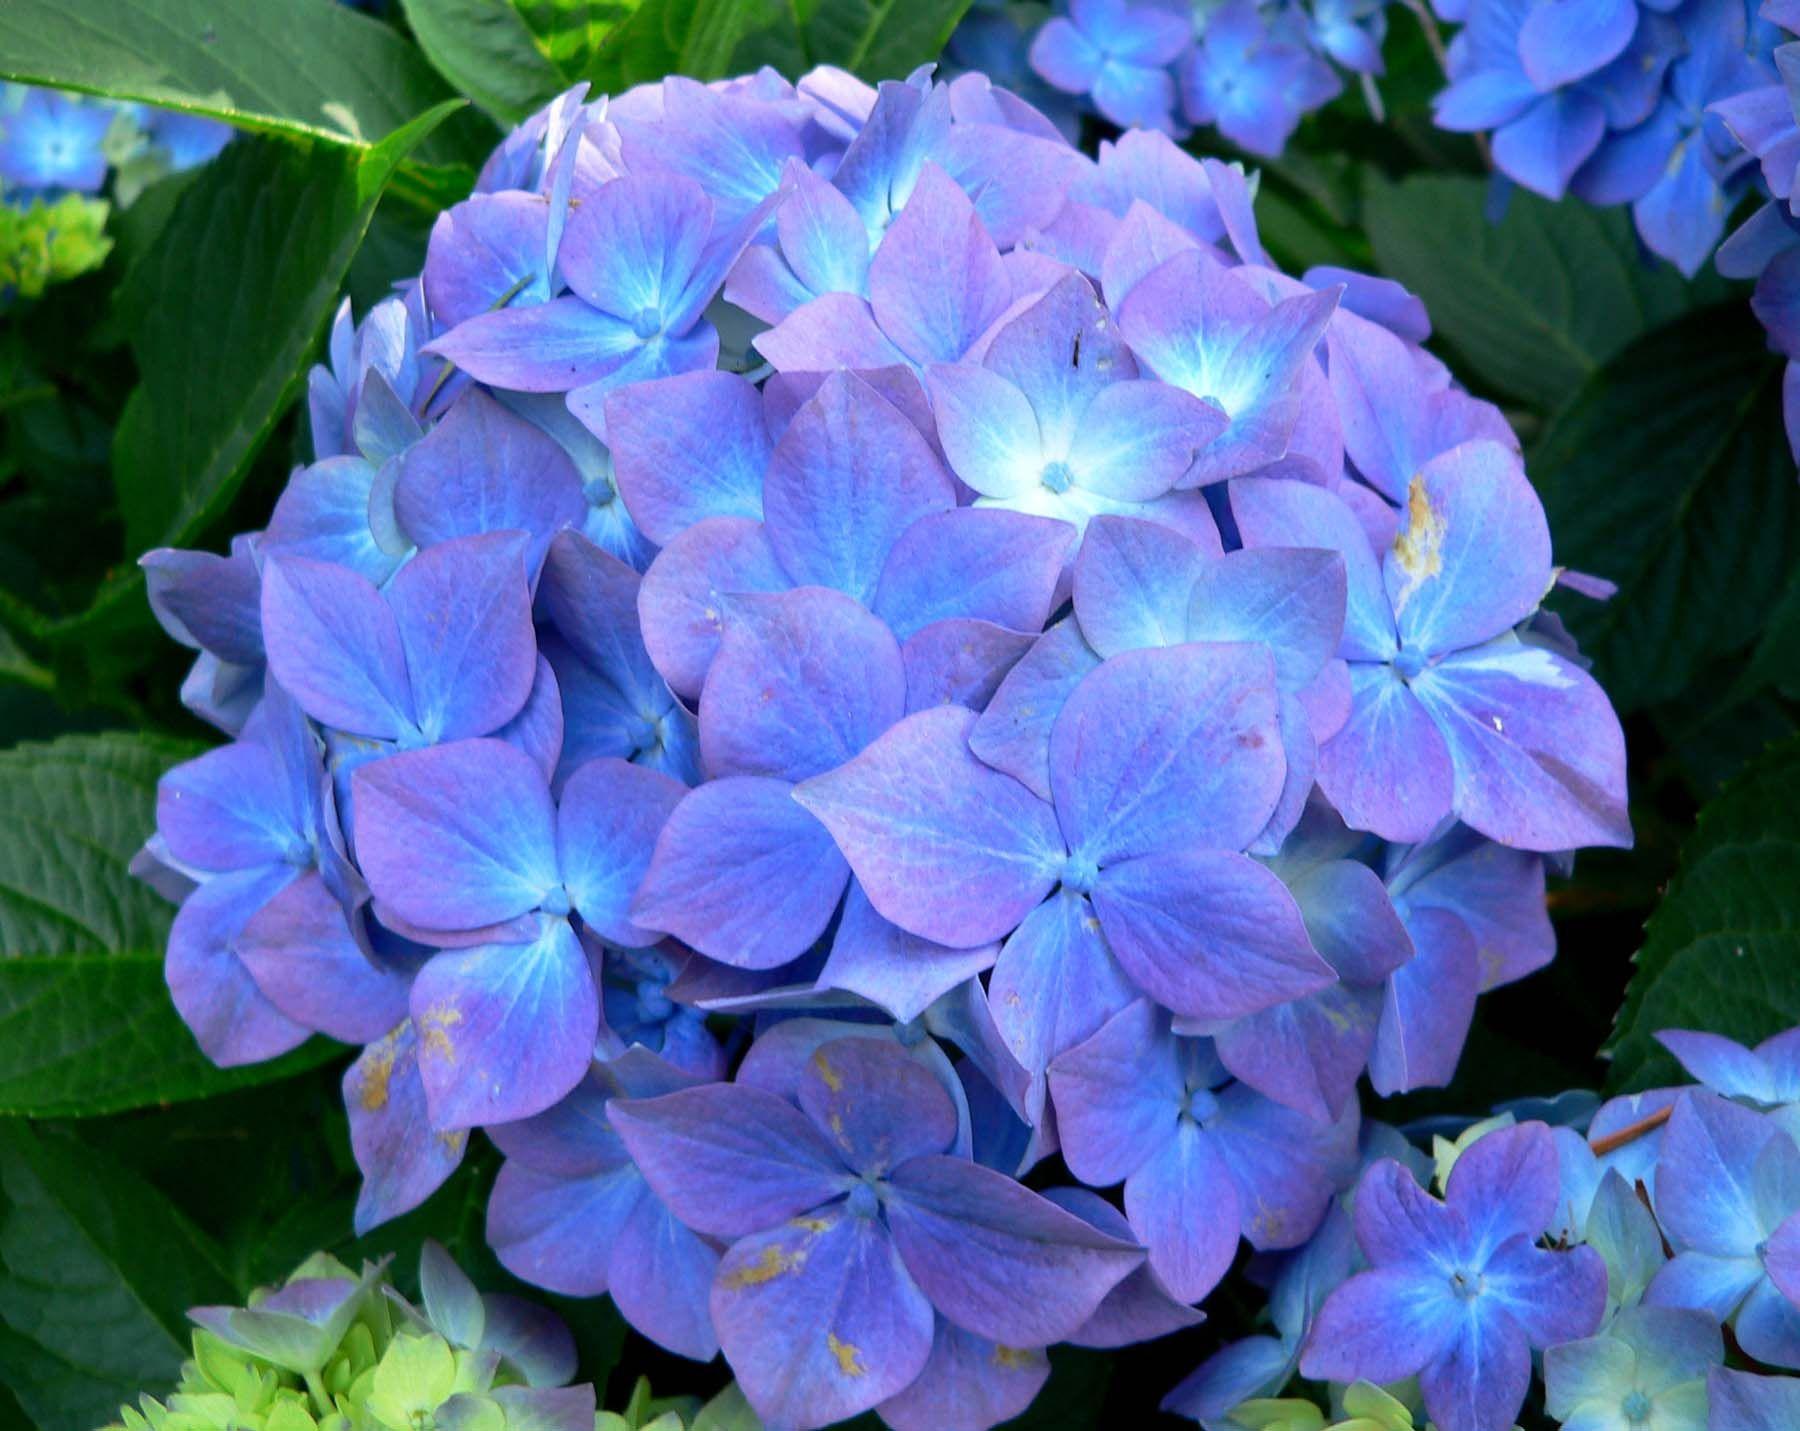 1800x1431 梅雨 の あじさい が 美しい壁紙 紫陽花 壁紙